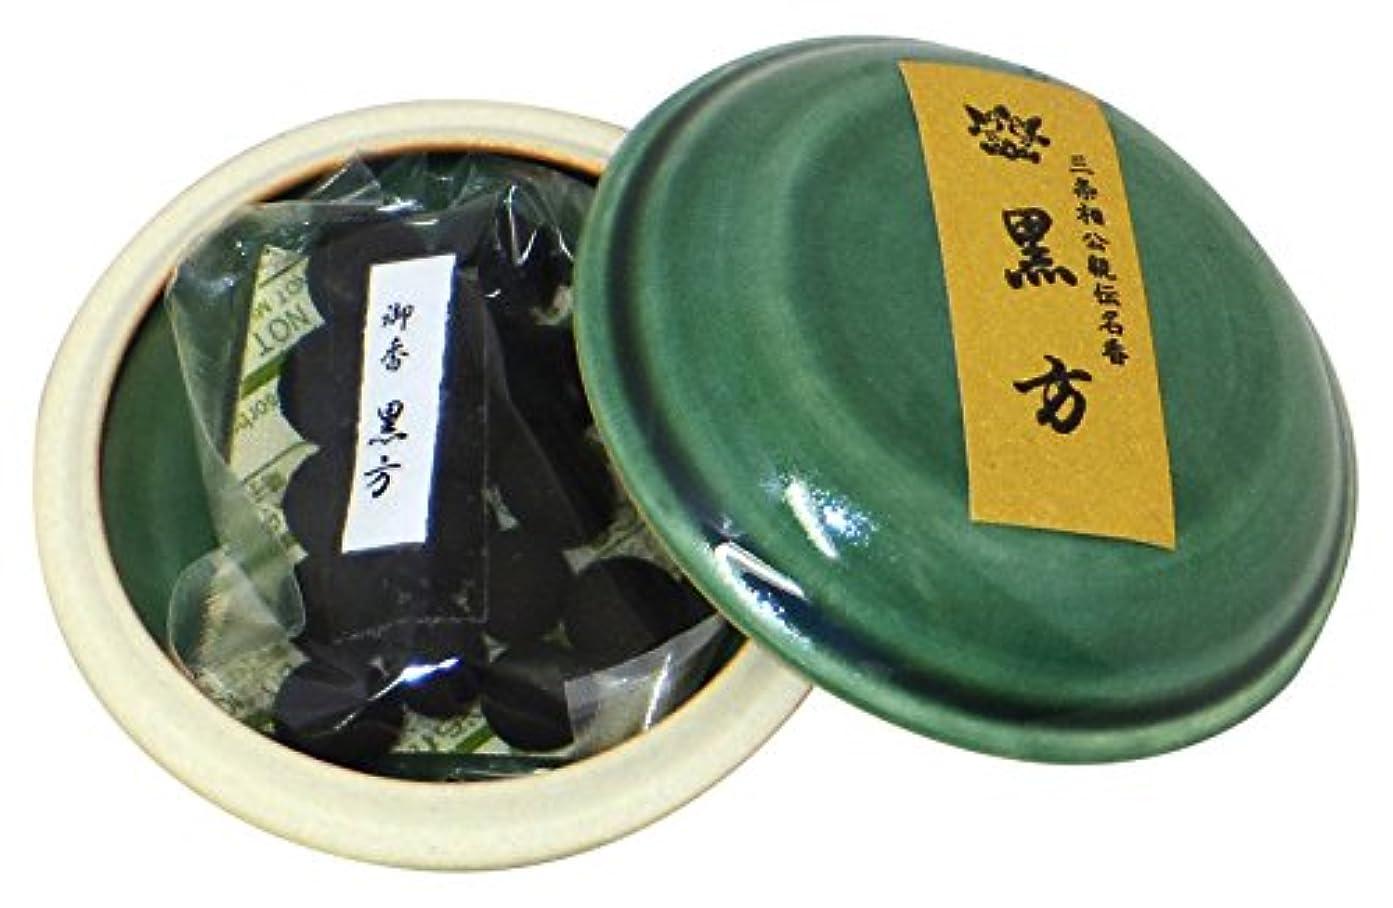 朝食を食べる刺すコンバーチブル鳩居堂の煉香 御香 黒方 桐箱 たと紙 陶器香合8g入 #501